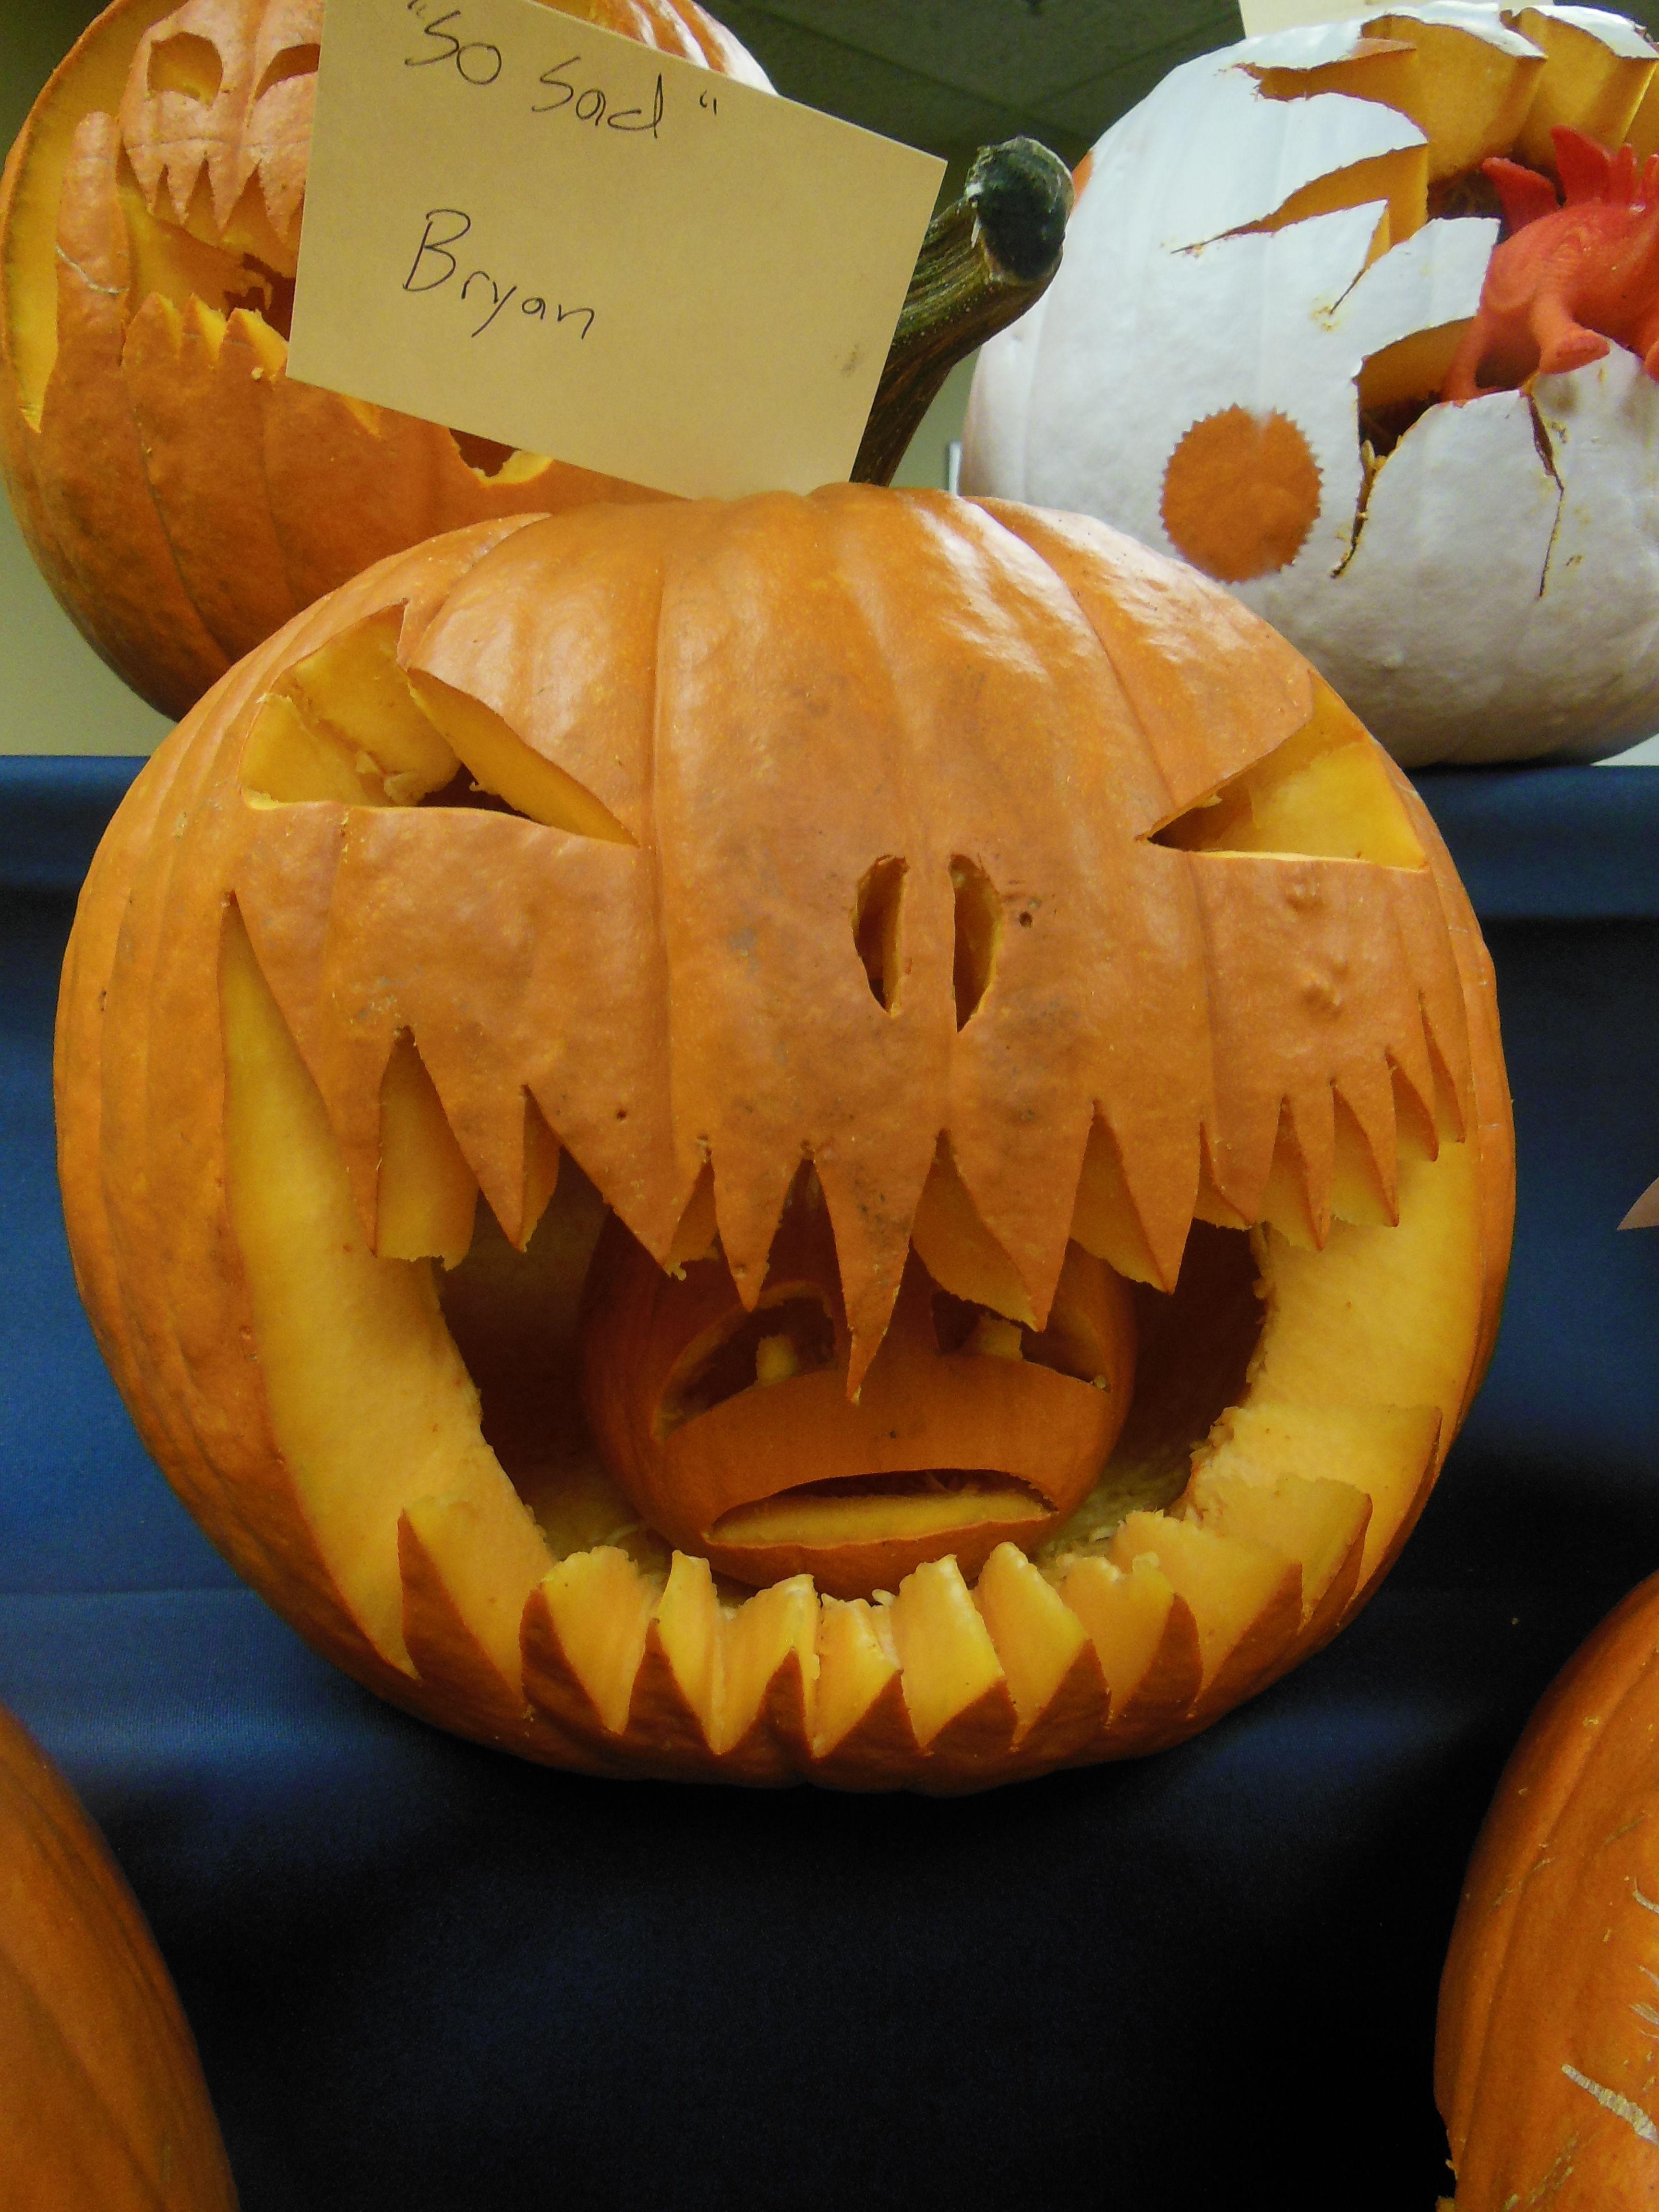 Big Pumpkin Eating a Little Pumpkin | Pumpkin Carving | Halloween ...